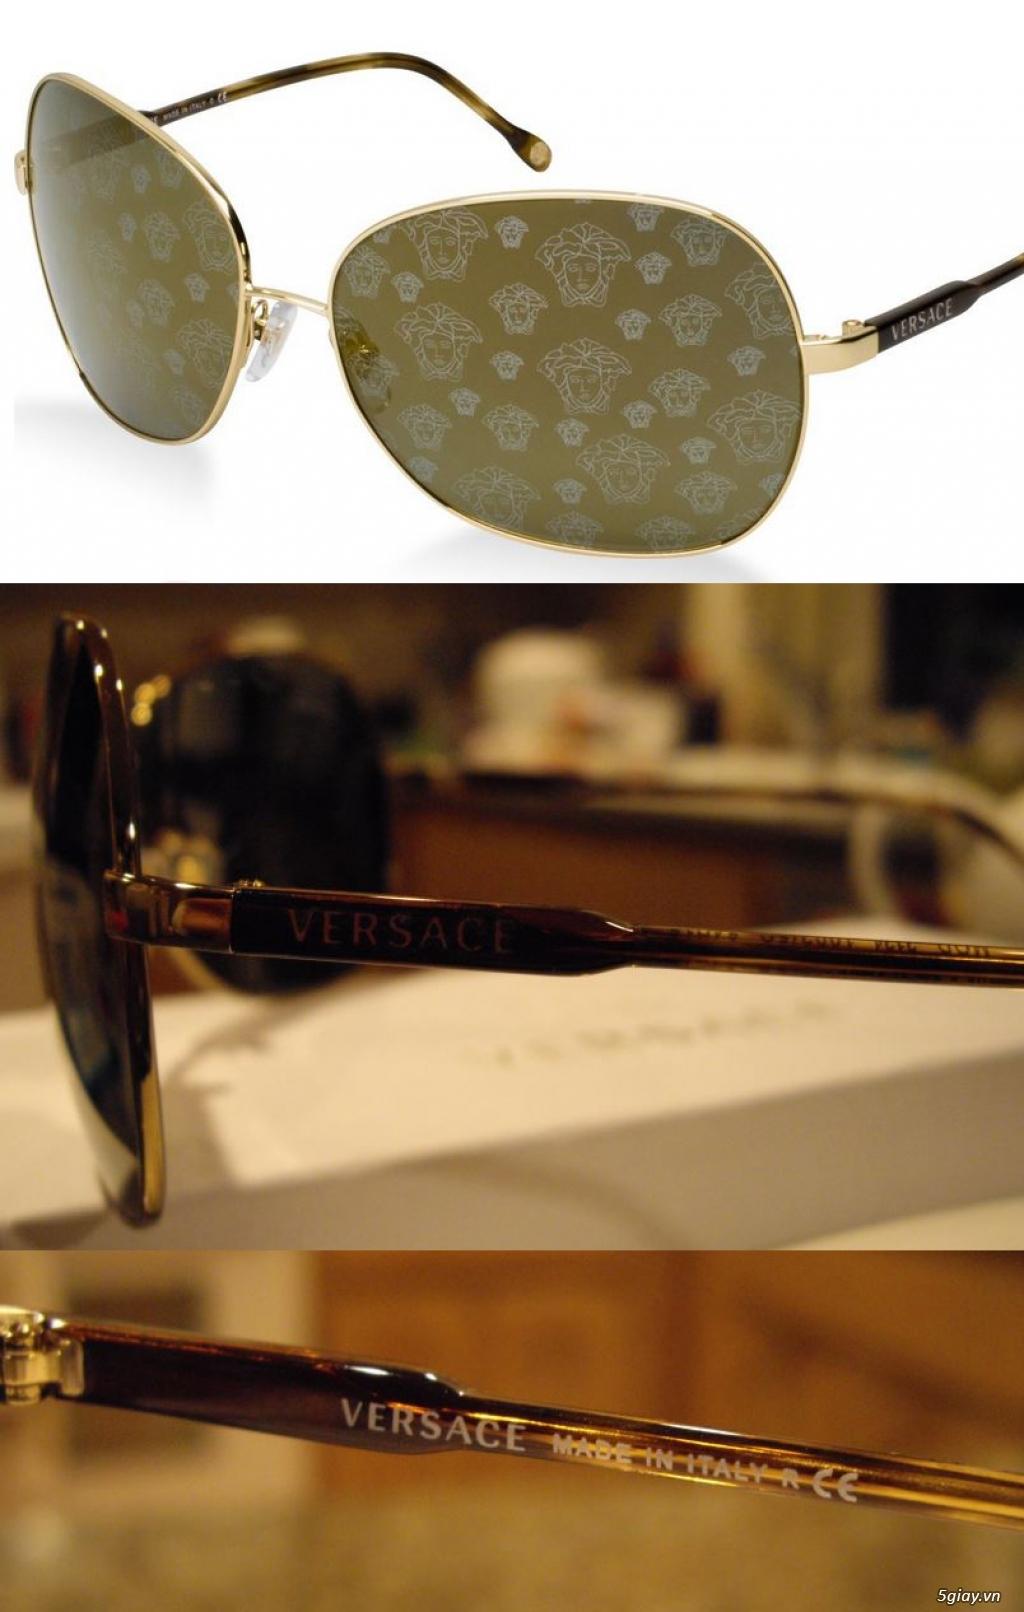 Những Mắt Kính Đẹp & Sang Trọng chính mình xách tay/gửi từ Mỹ về.  Armani, D&G, Prada, Ray-Ban, Polo - 31